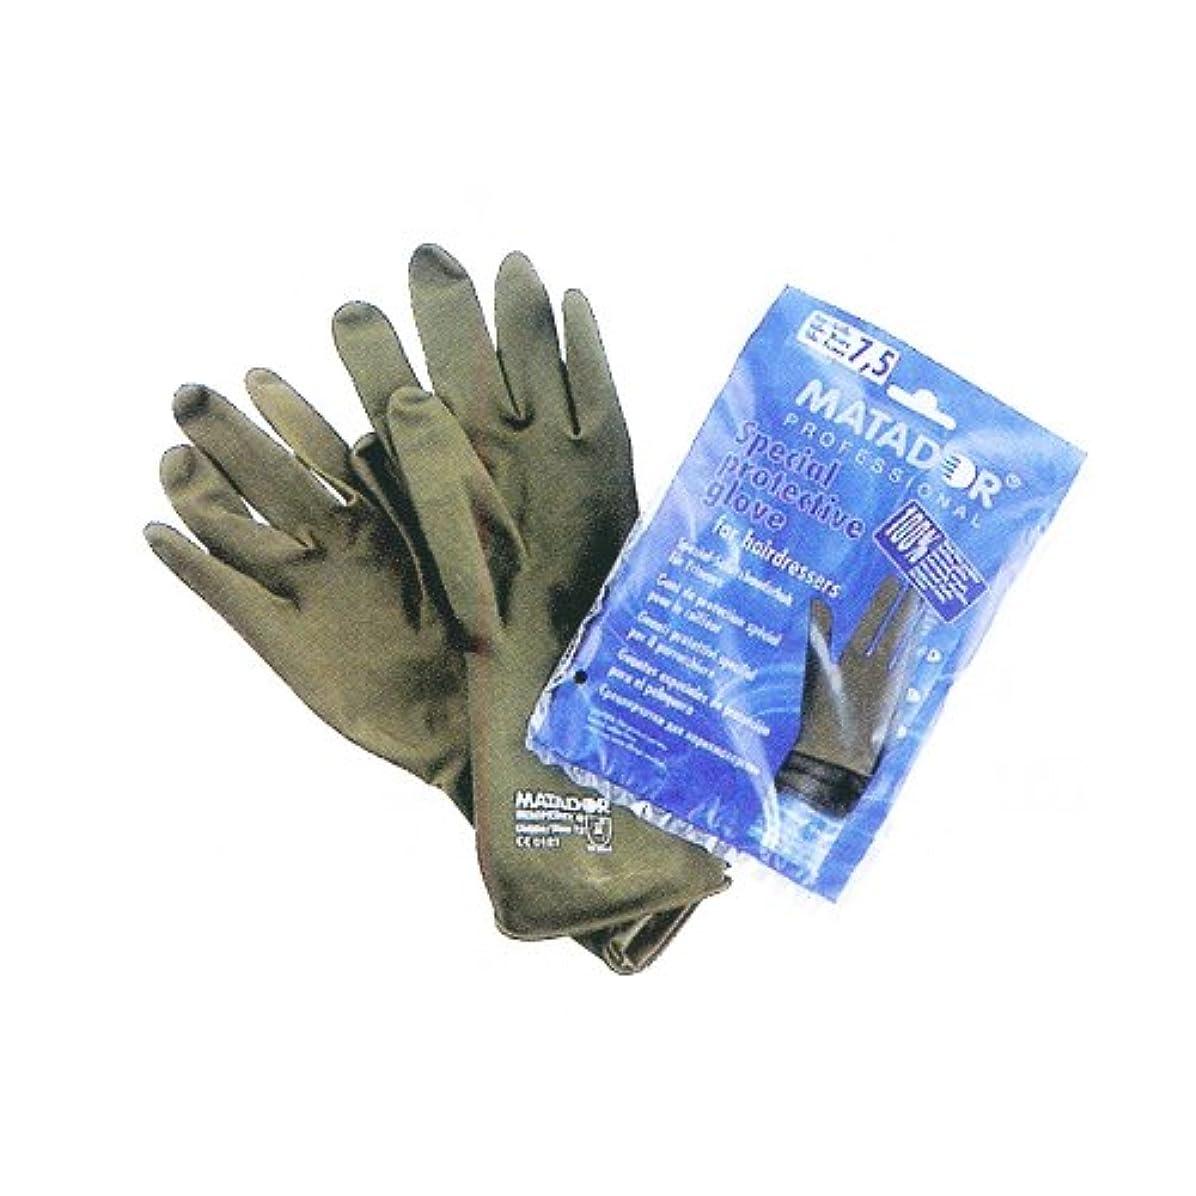 マタドールゴム手袋 6.0吋